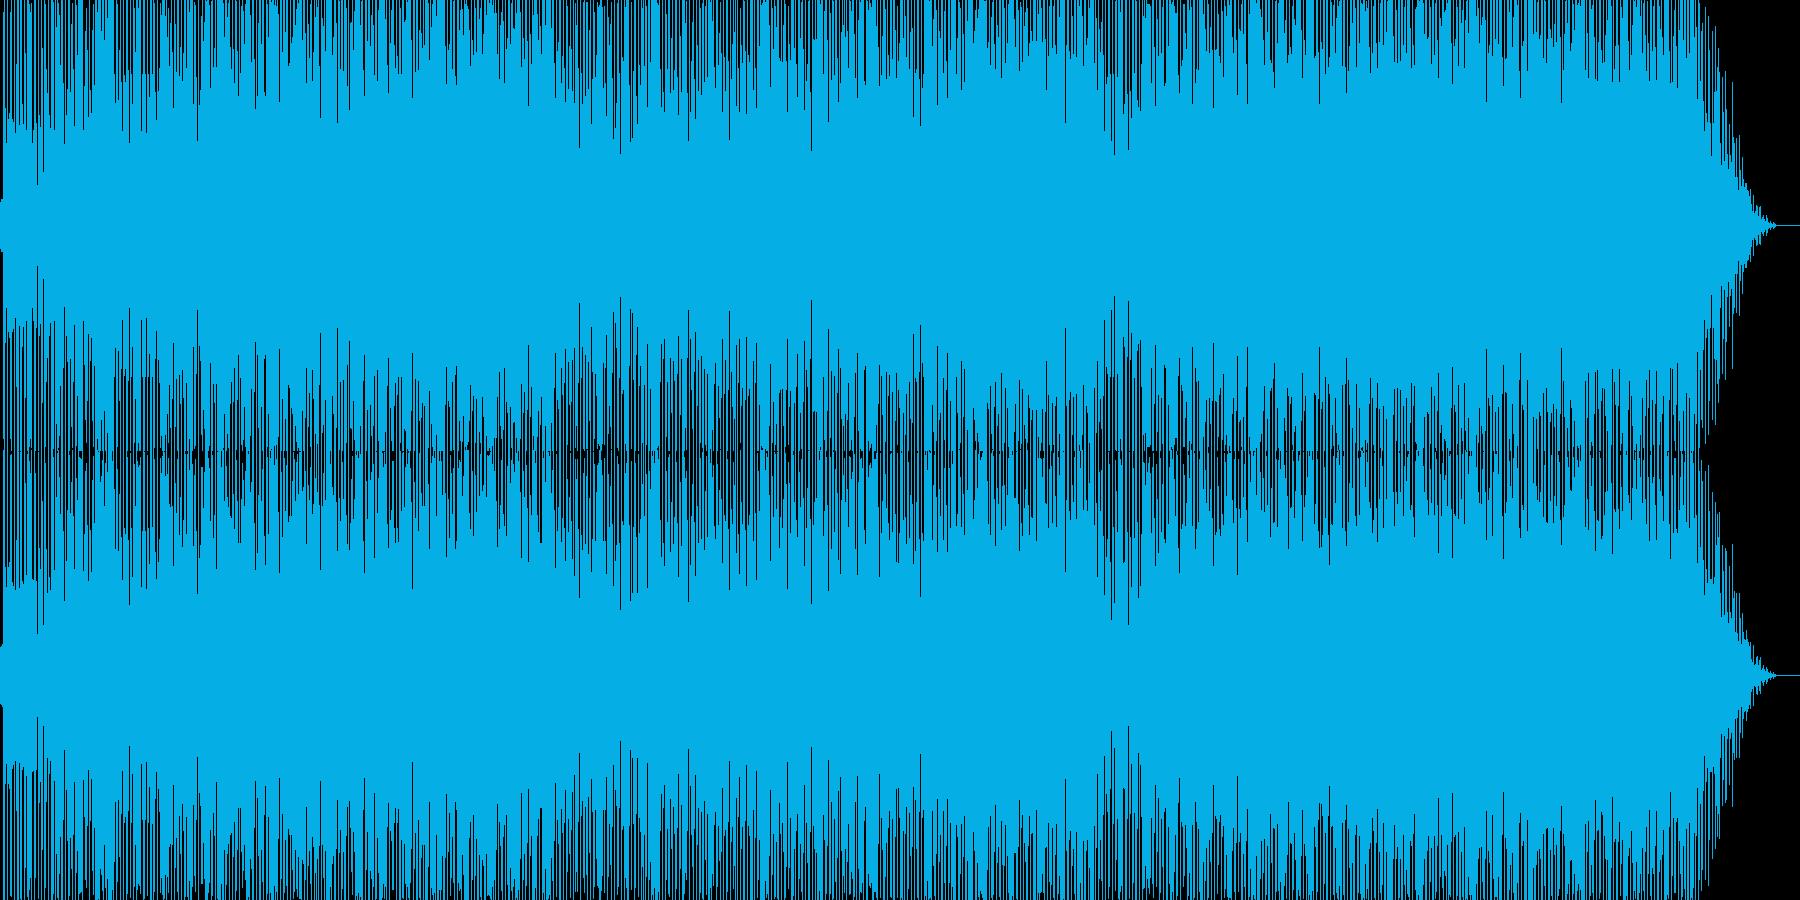 ファンキーな雰囲気のポップス2の再生済みの波形